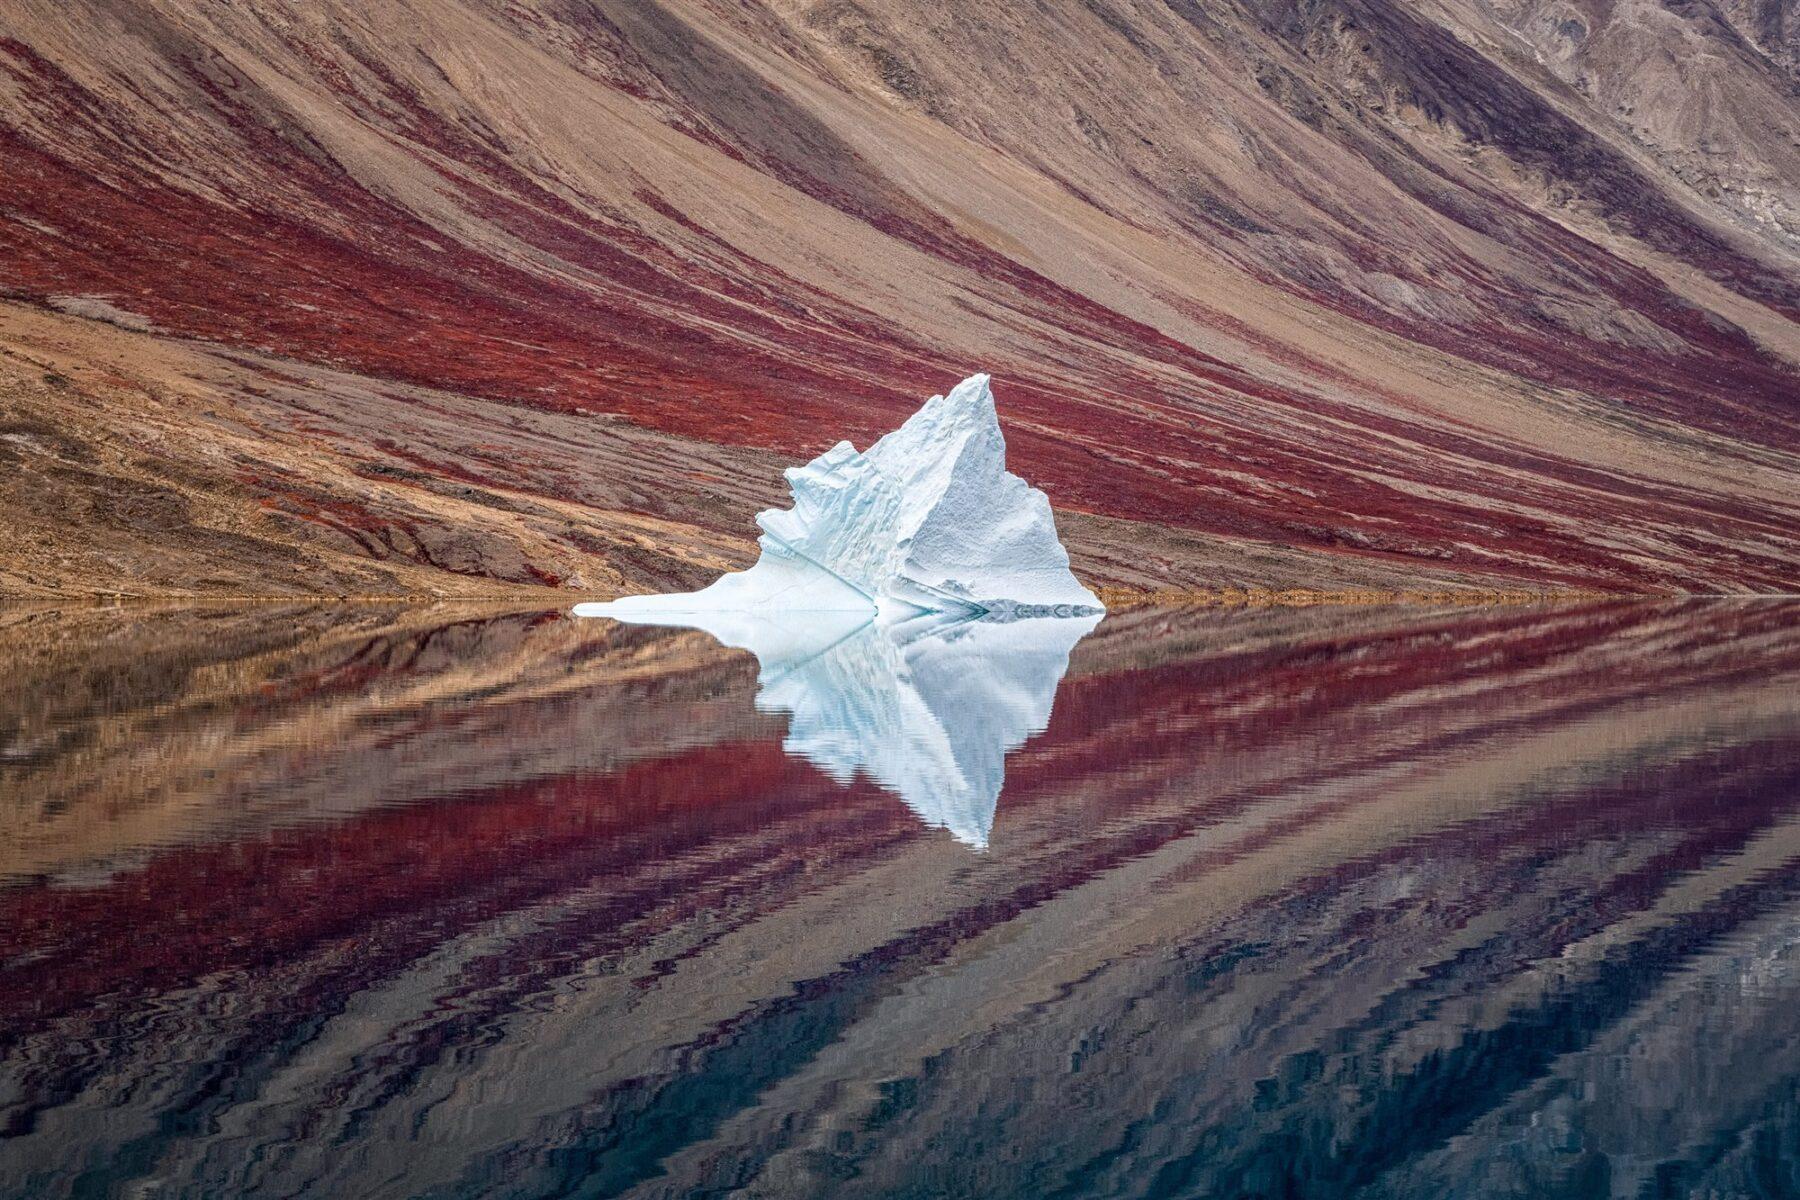 Ice Reflections | Craig McGowam - ganadora en la subcategoría Landscape